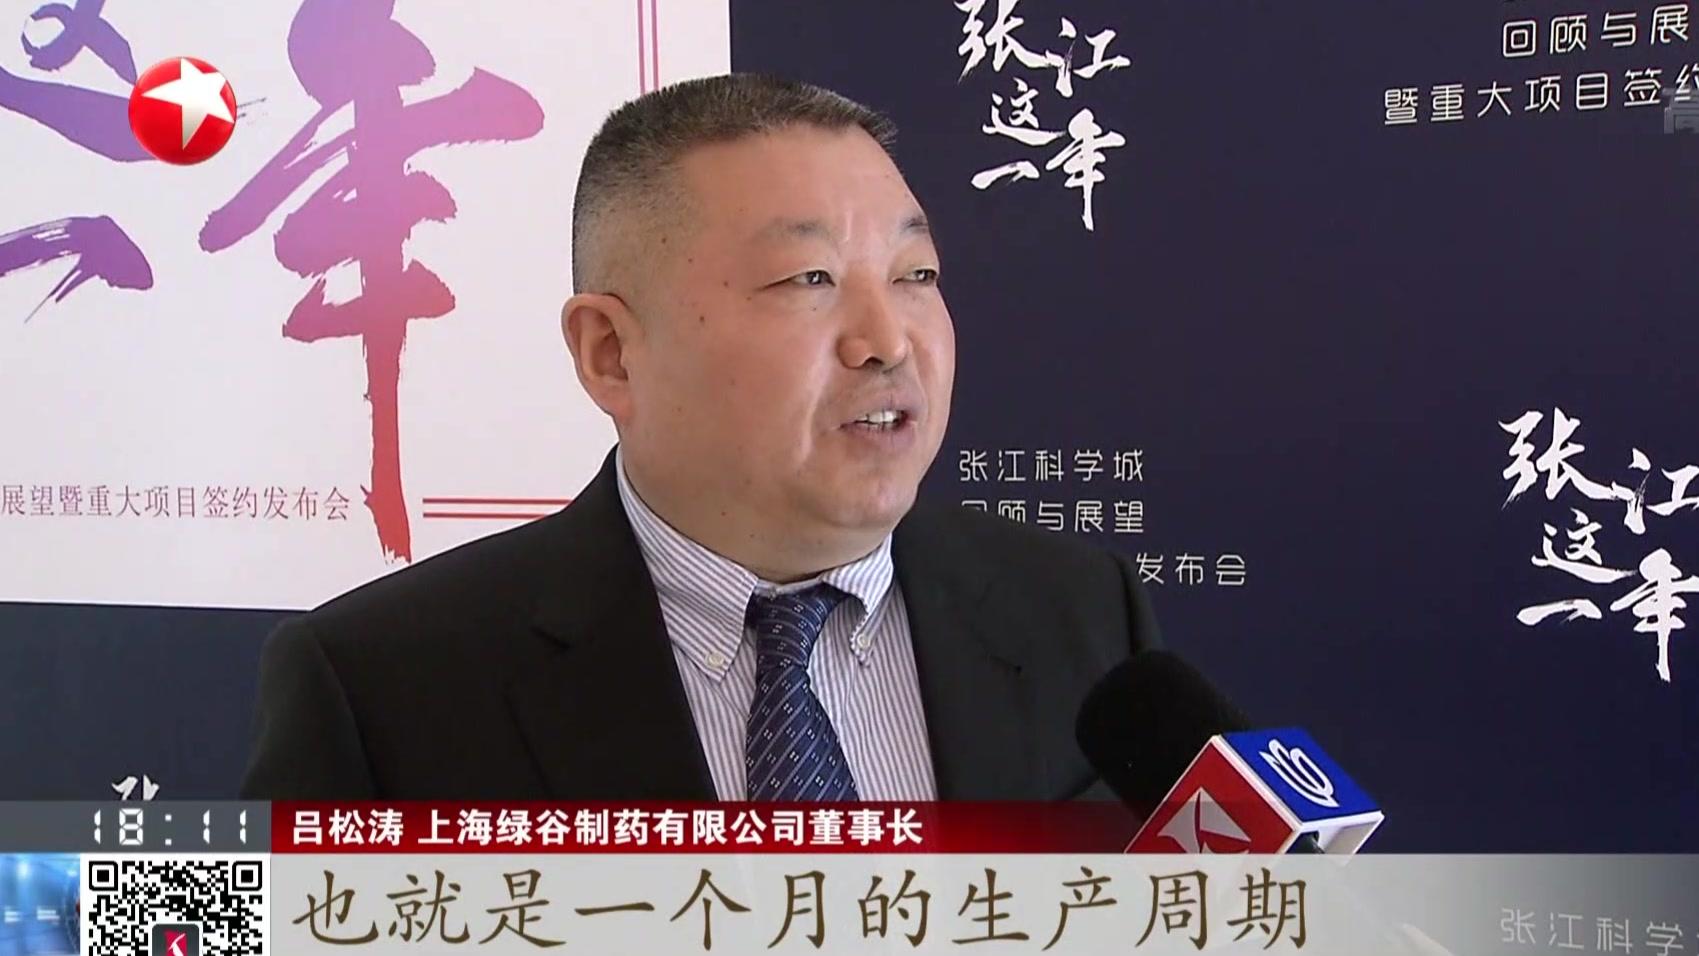 上海张江科学城全力助推产业化